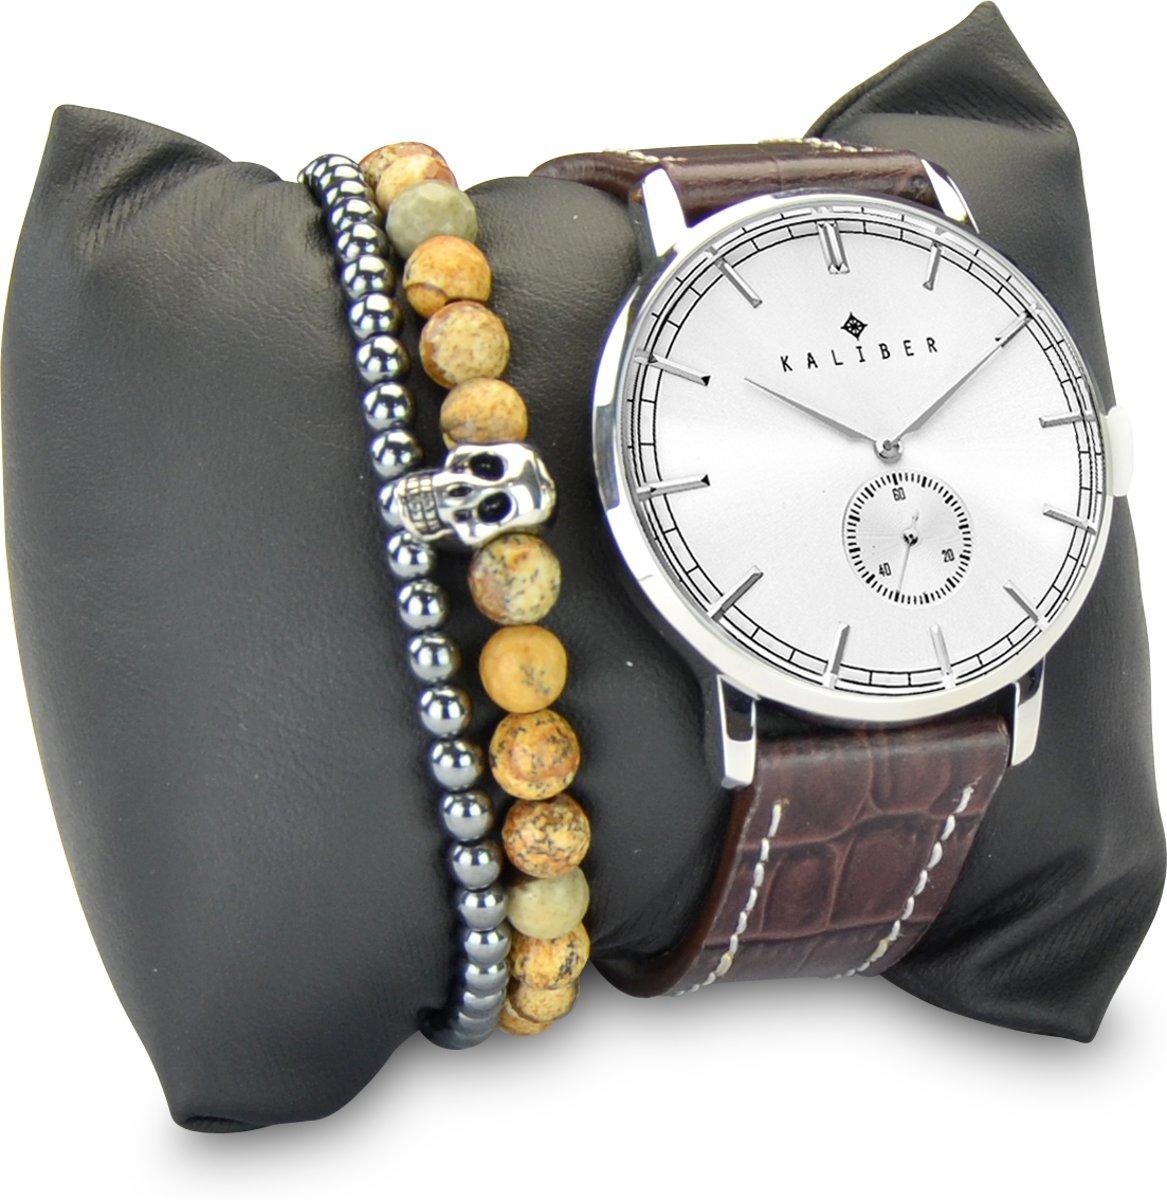 Kaliber 7KA SET008 Horloge Set met Armbanden - Leren Band - Ø 40 mm - Bruin / Zilverkleurig kopen